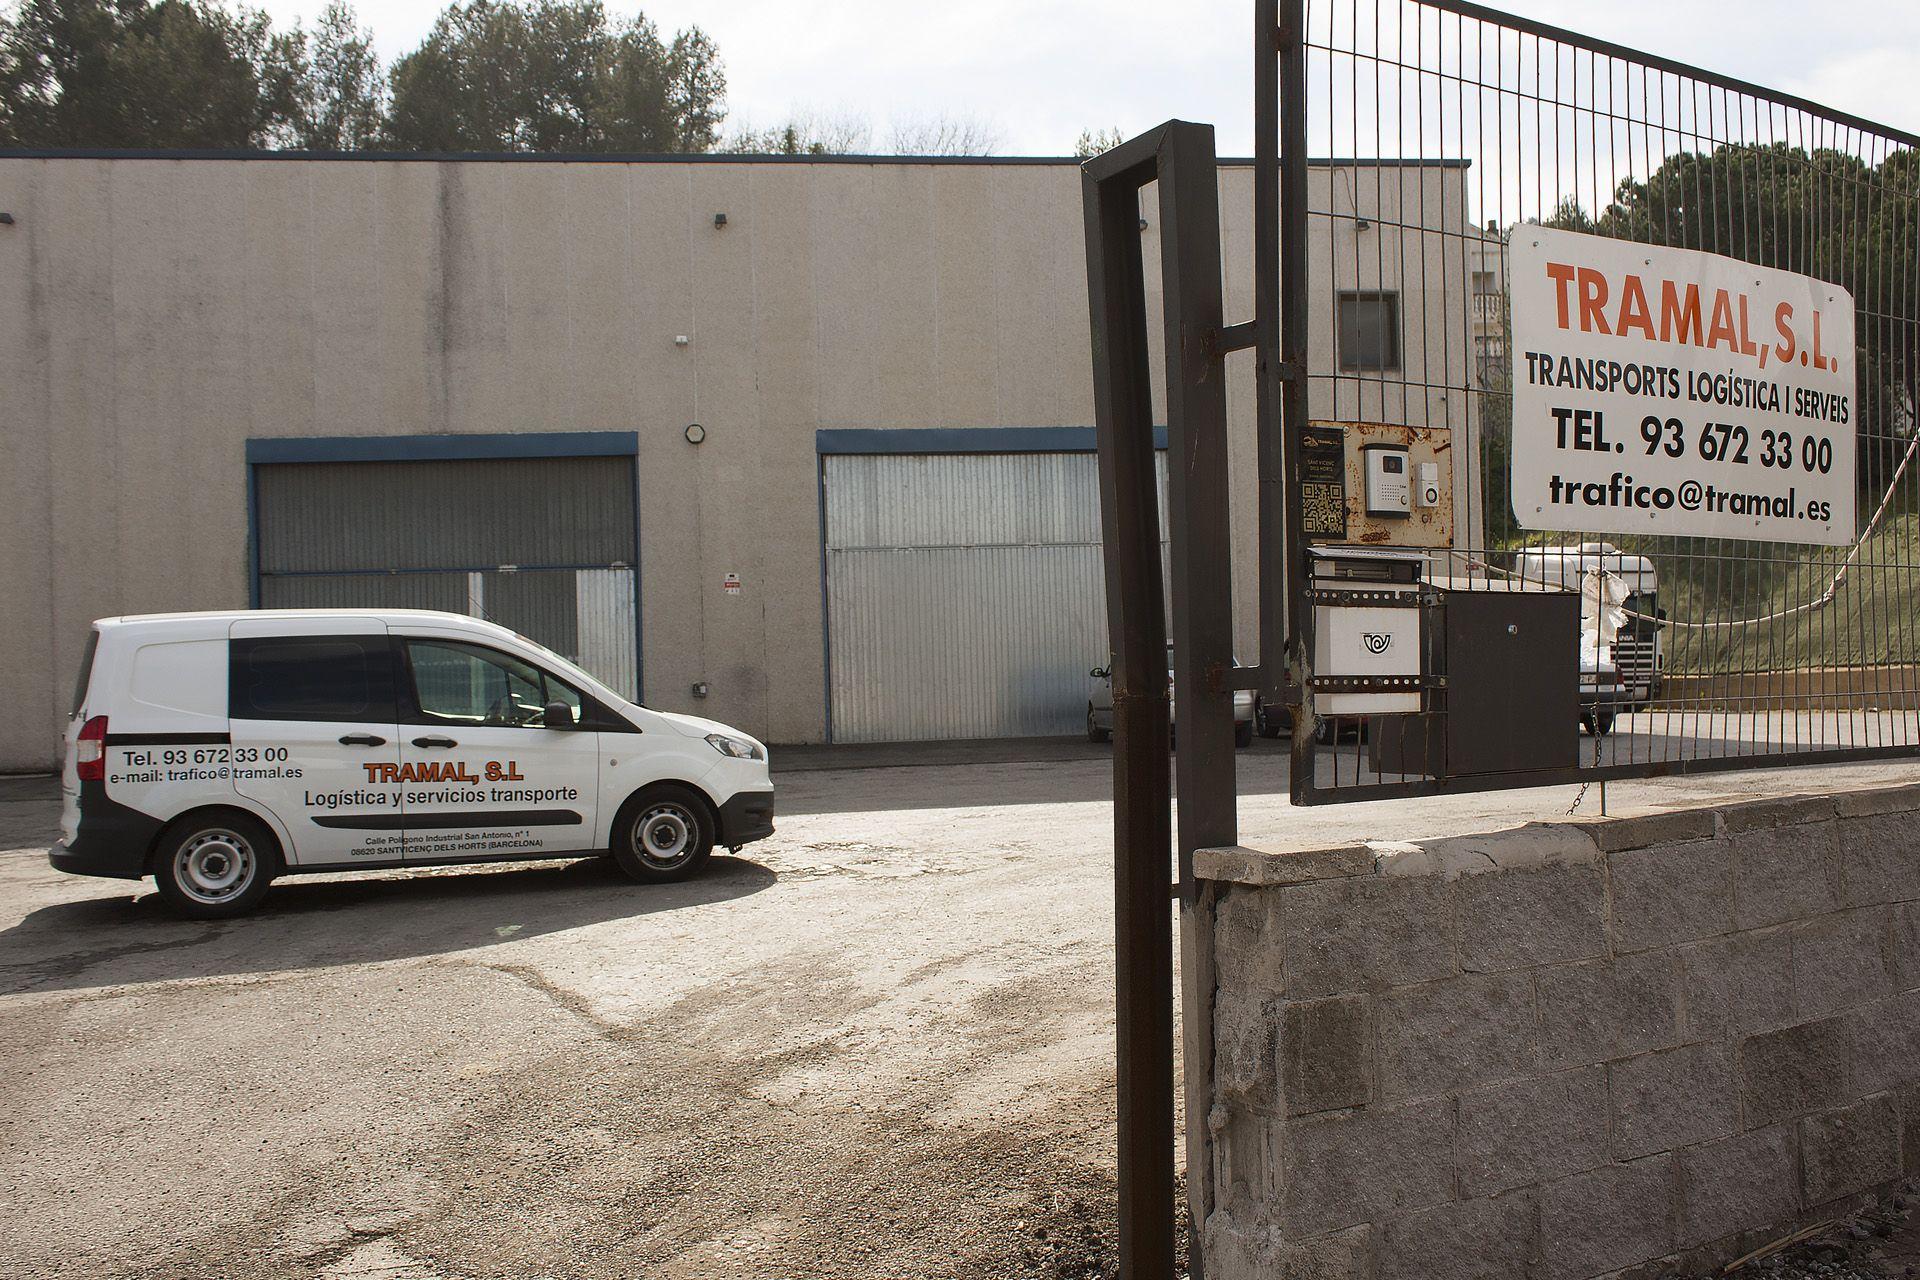 Tramal, S.L., transportes, logística y servicios en Barcelona